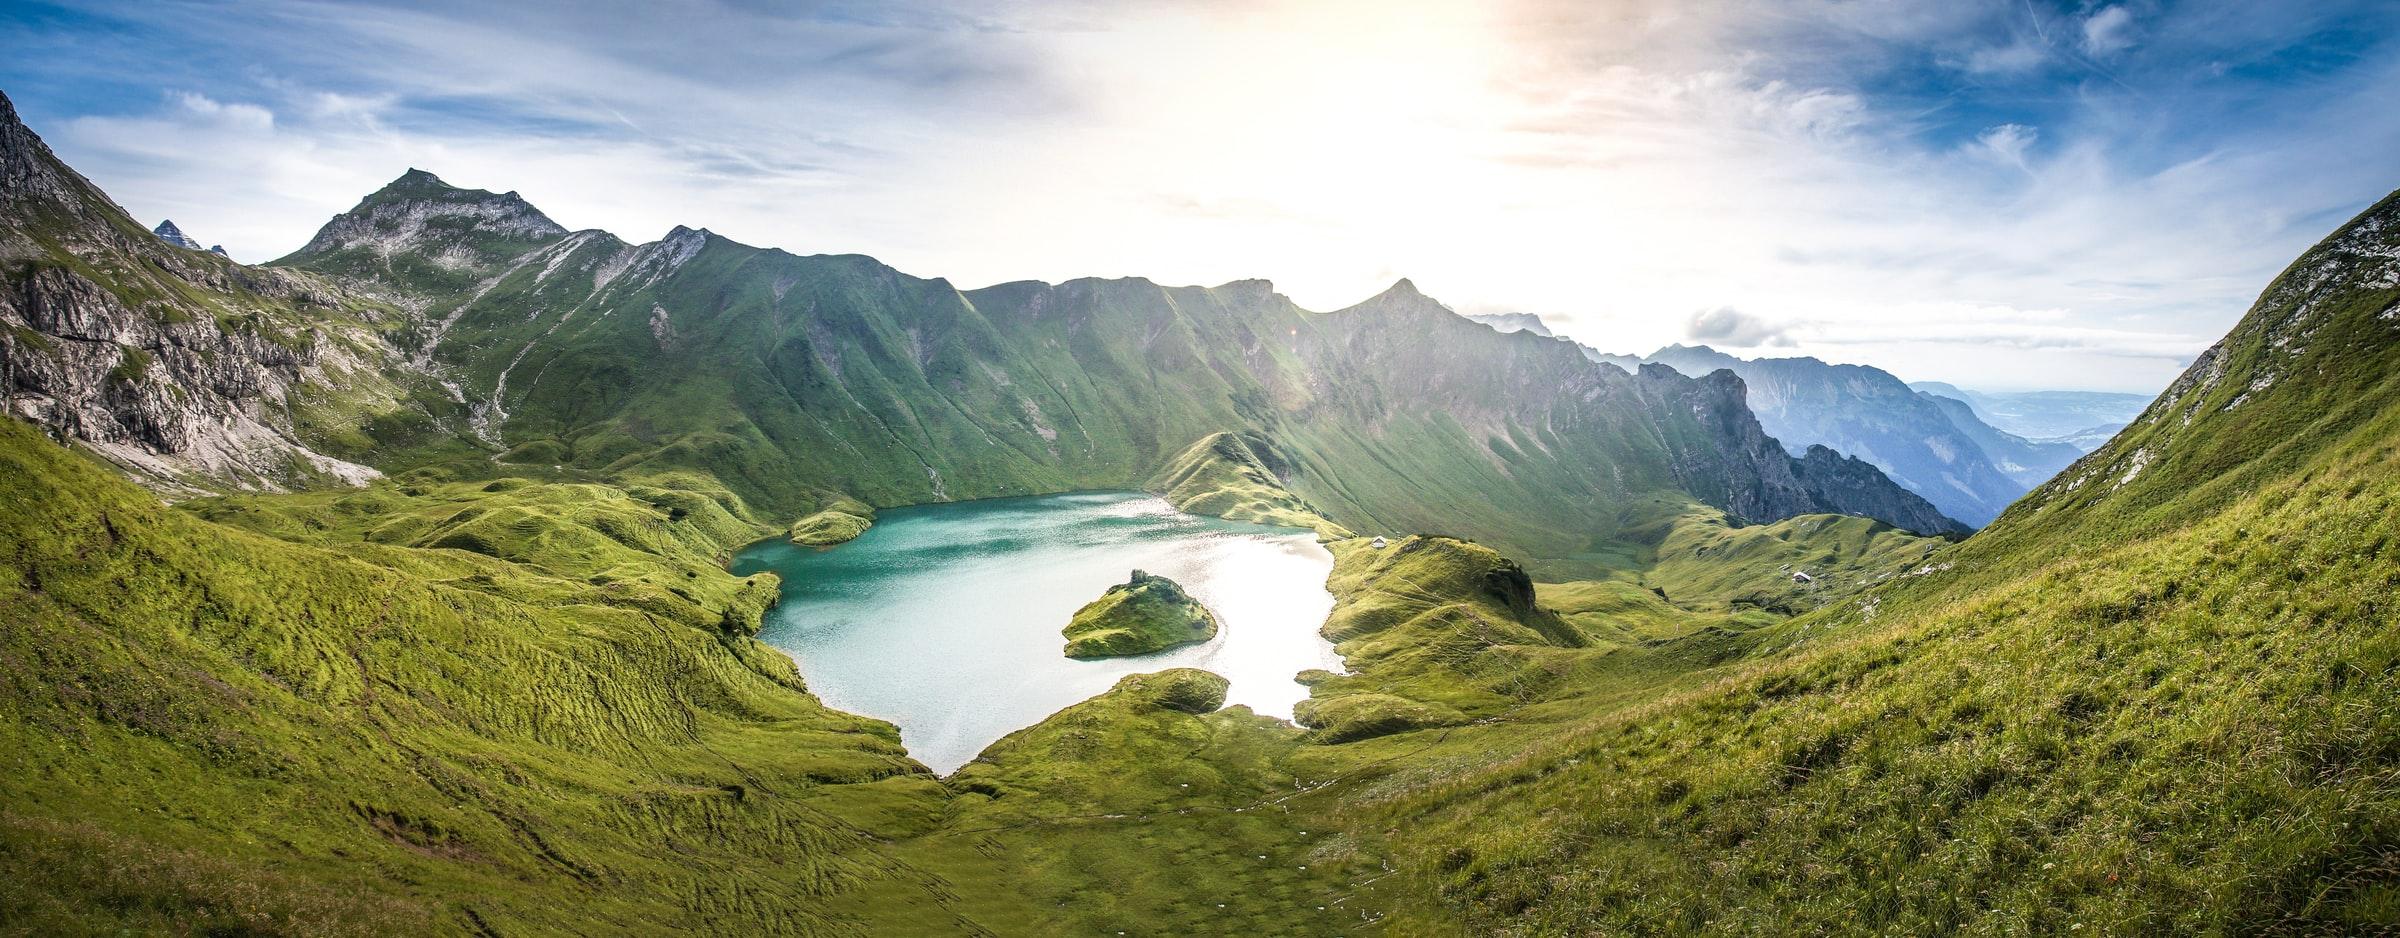 Schrecksee Alpen in Bayern